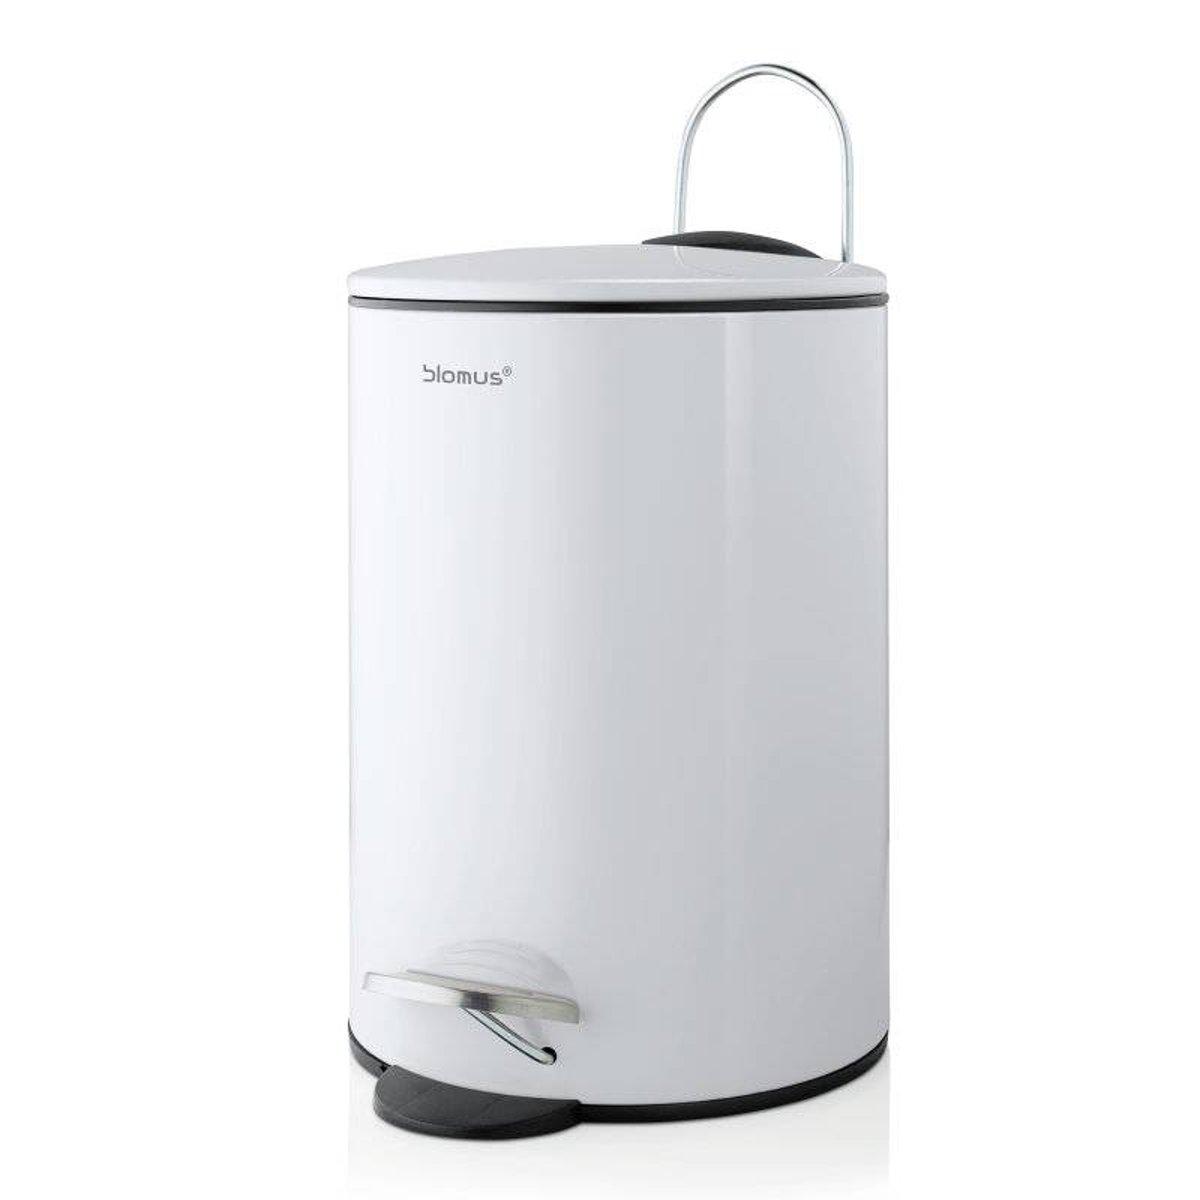 BLOMUS TUBO pedaalemmer White (3 liter)